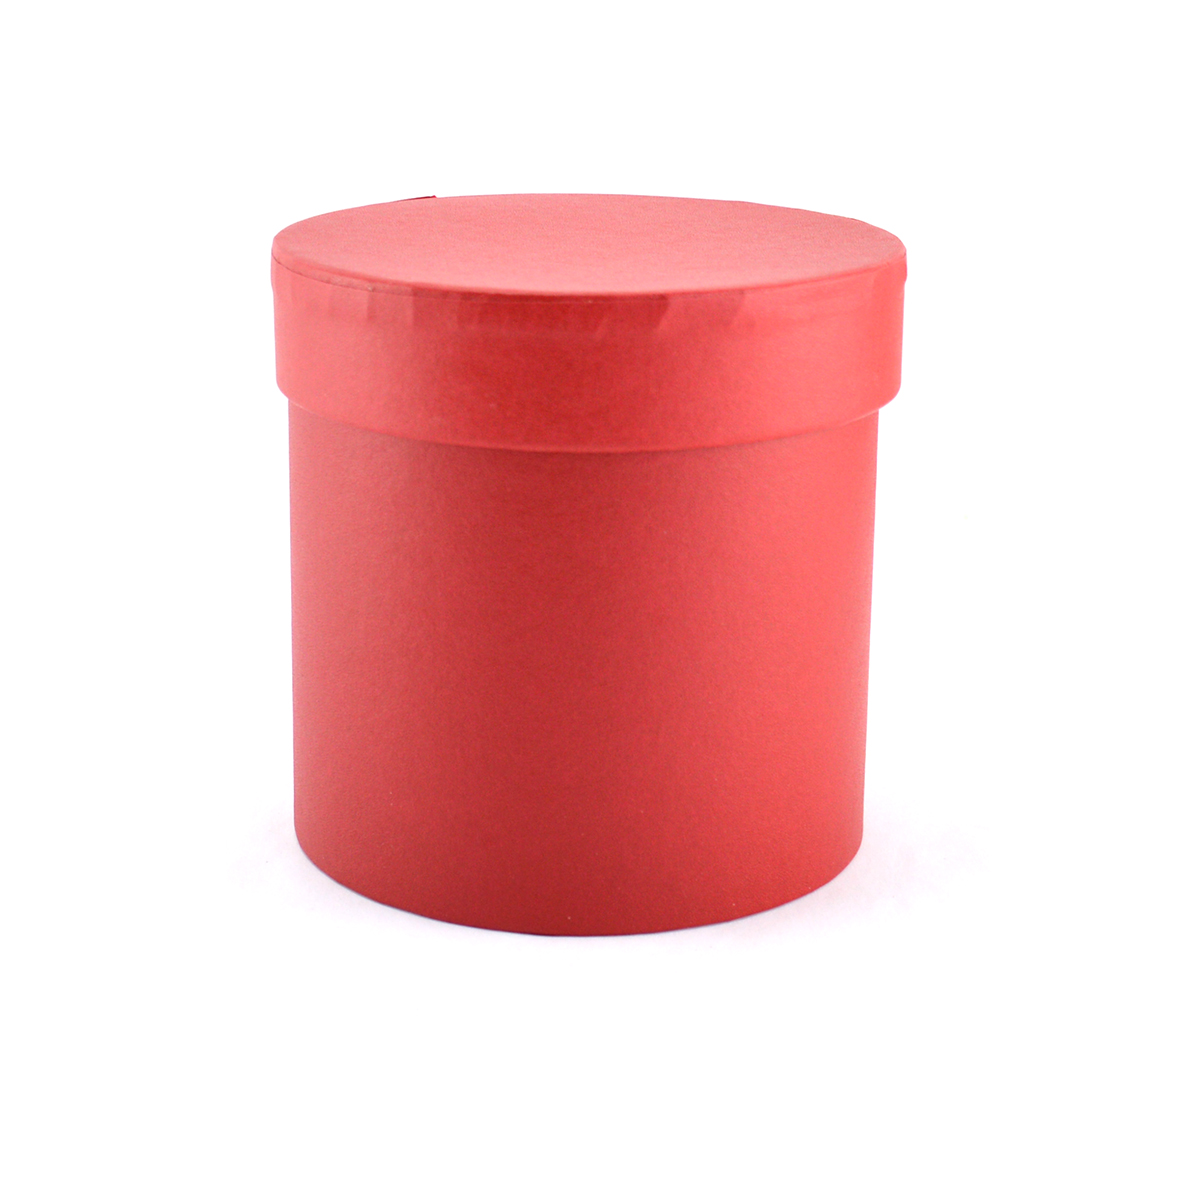 Cutie cilindrica fara manere neinscriptionata rosie